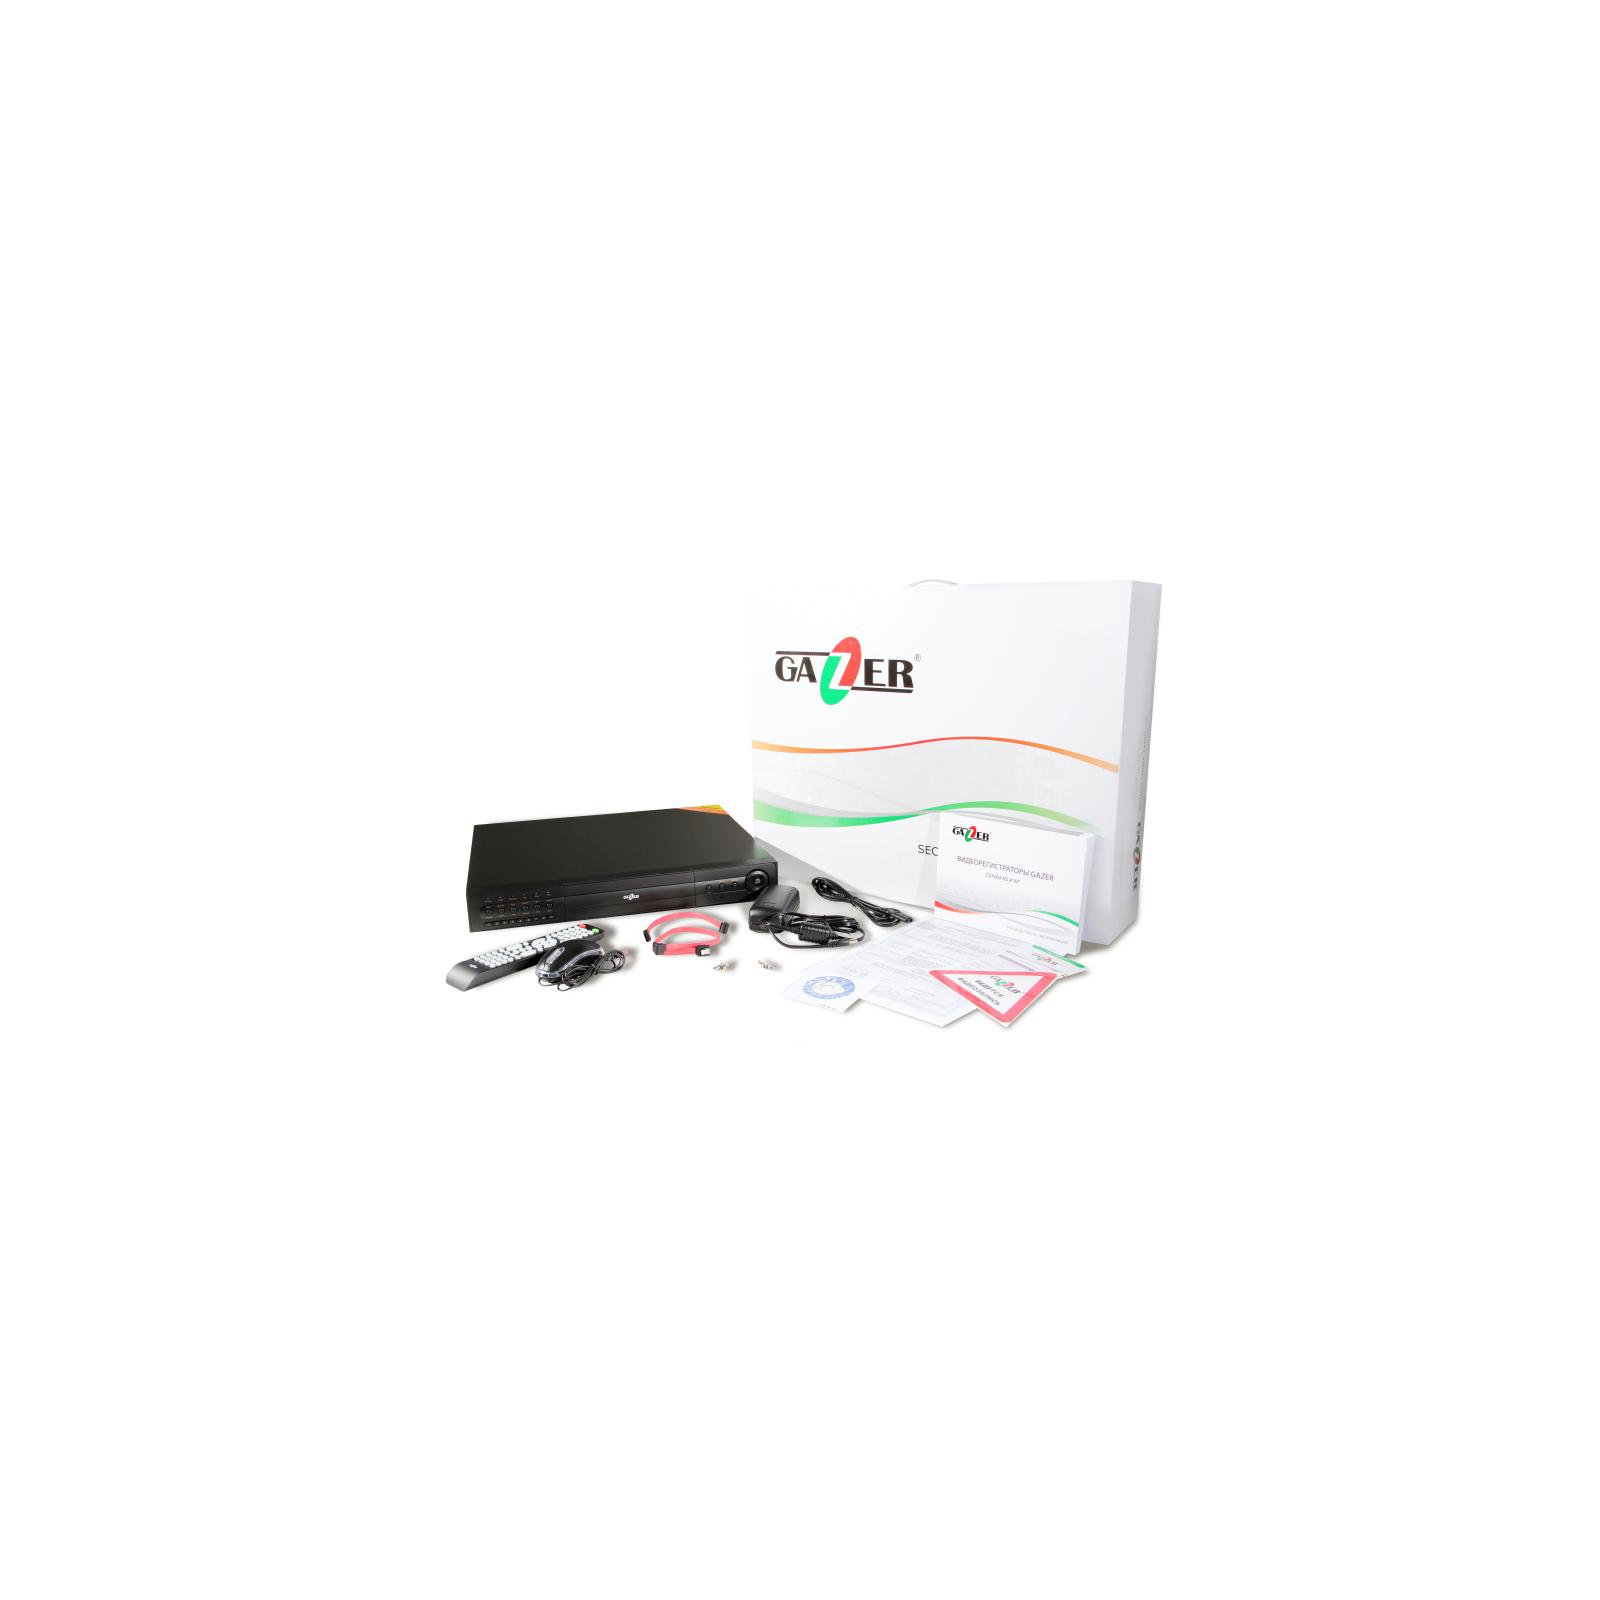 Регистратор для видеонаблюдения Gazer NI404mp изображение 9